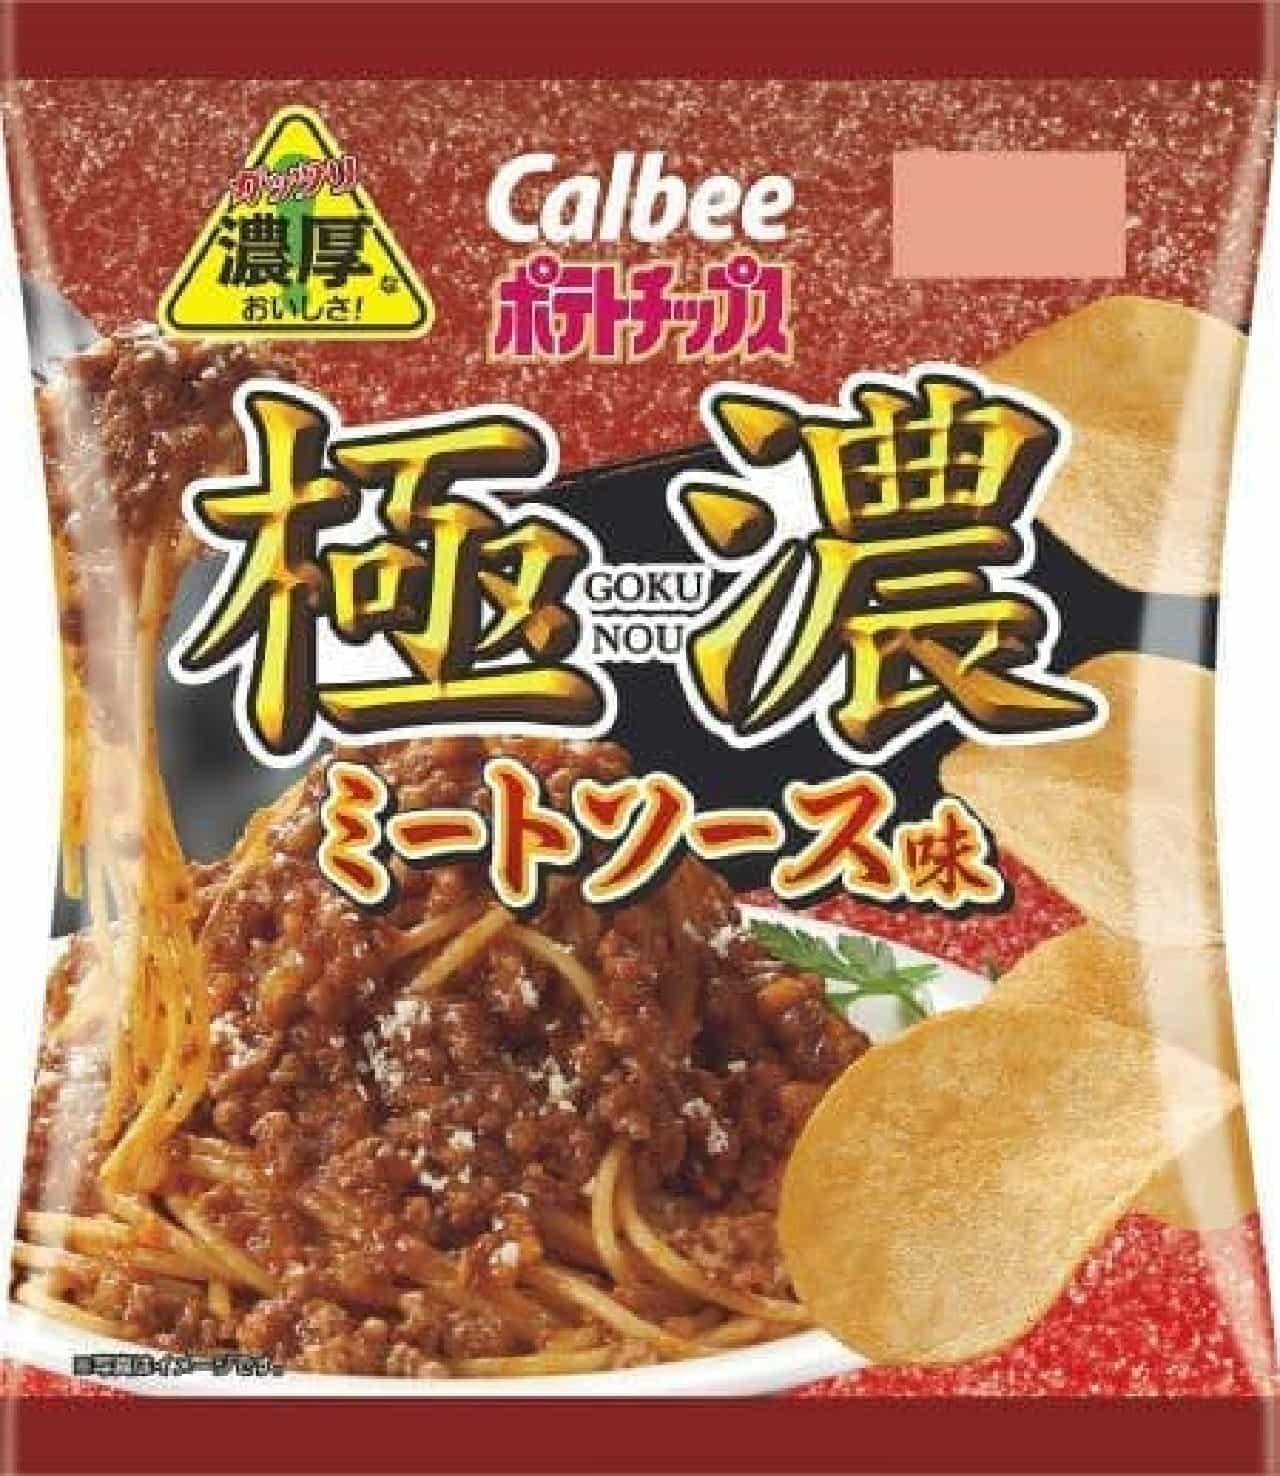 カルビー「ポテトチップス 極濃ミートソース味」